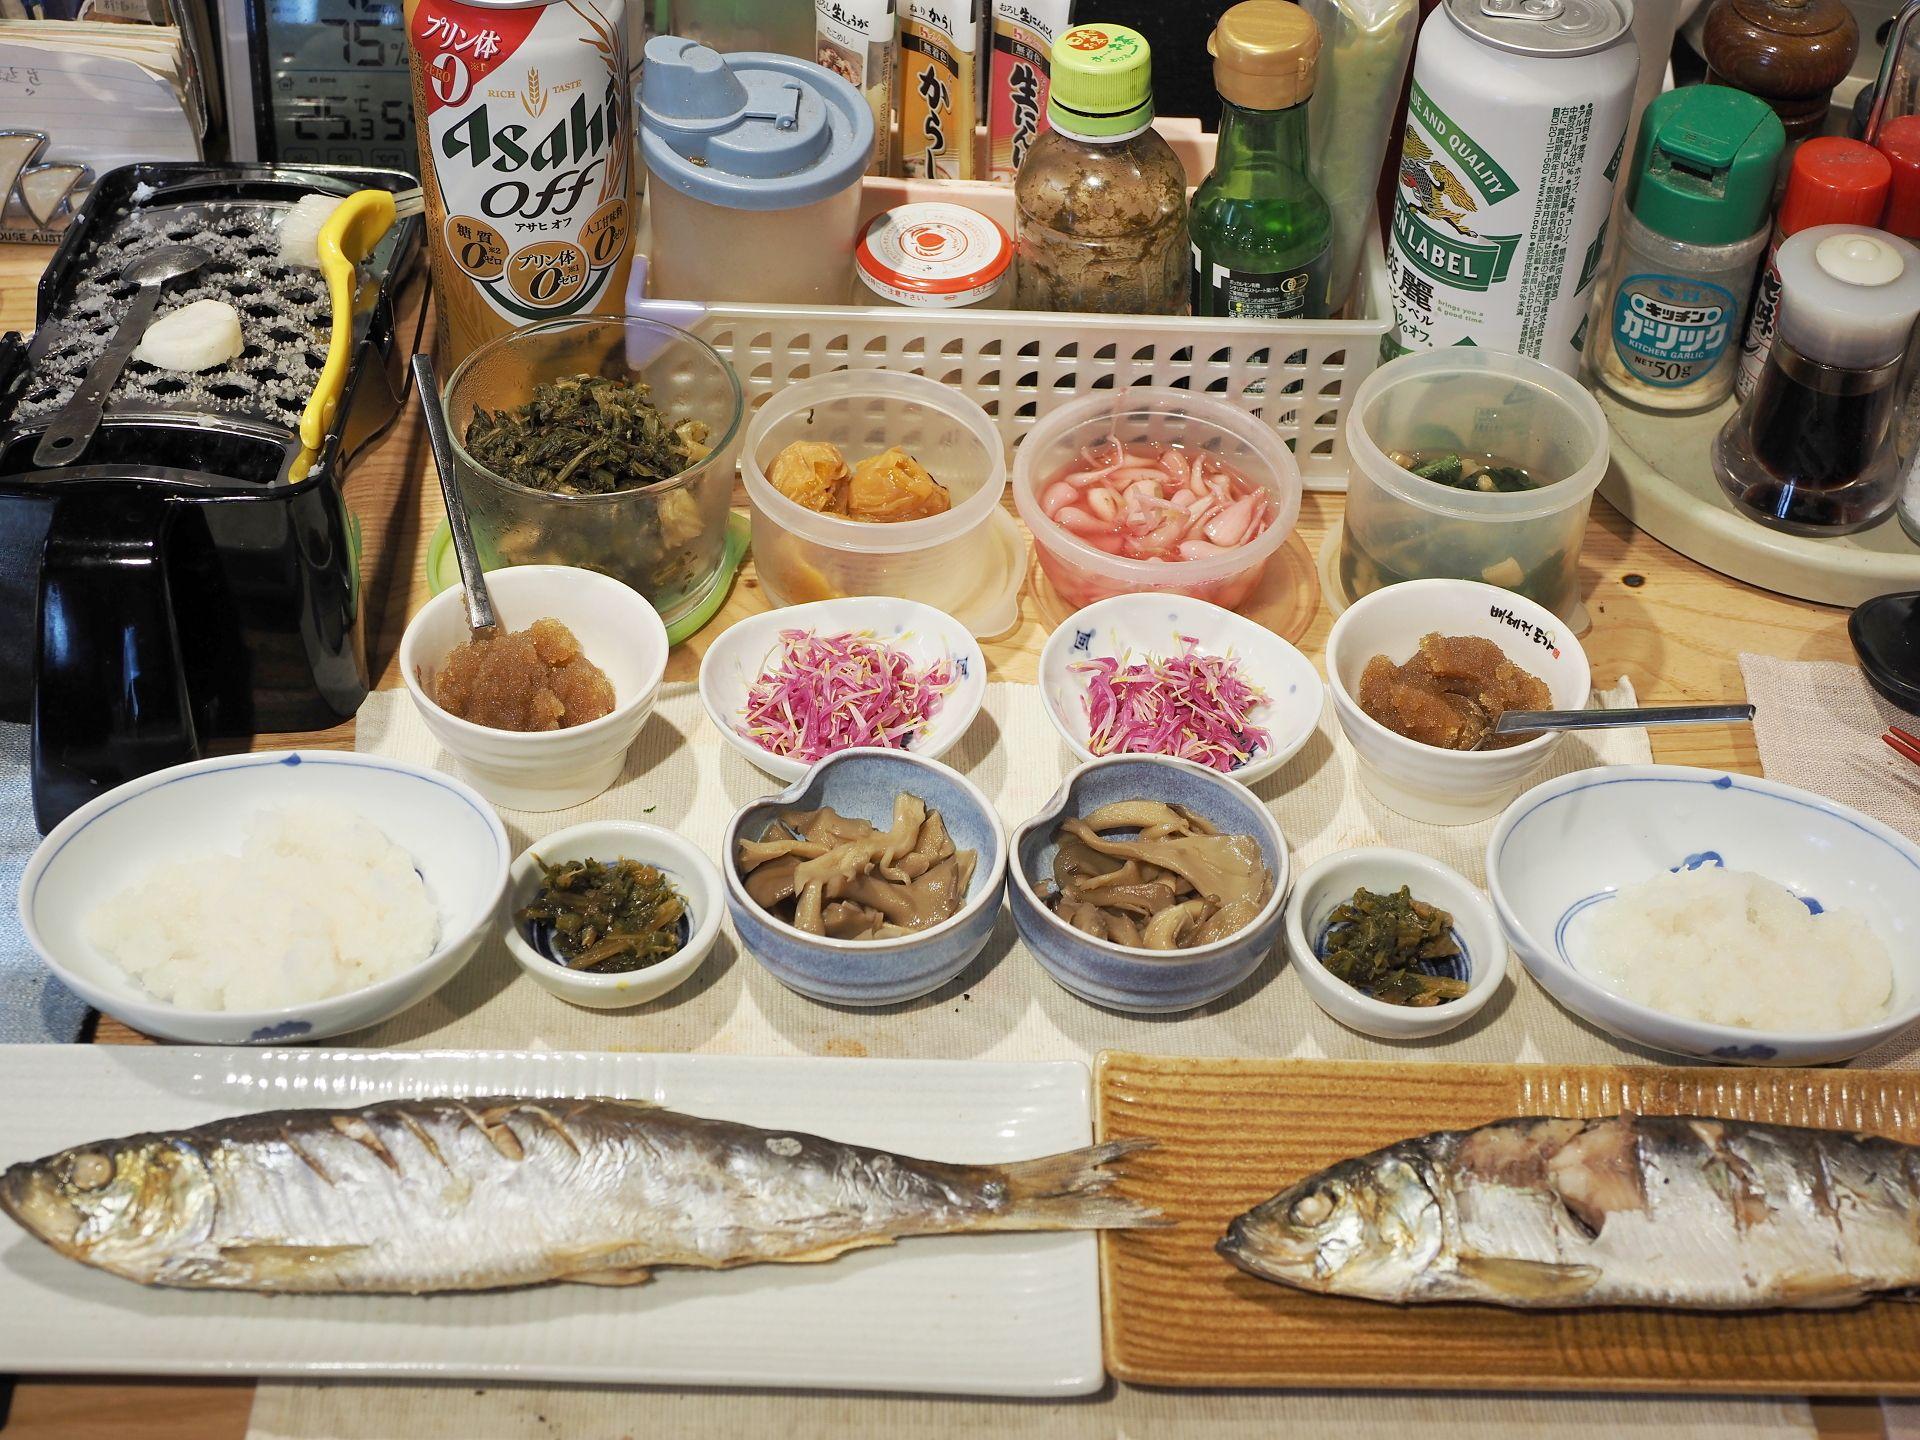 ソーセージ 魚肉 ためして ガッテン